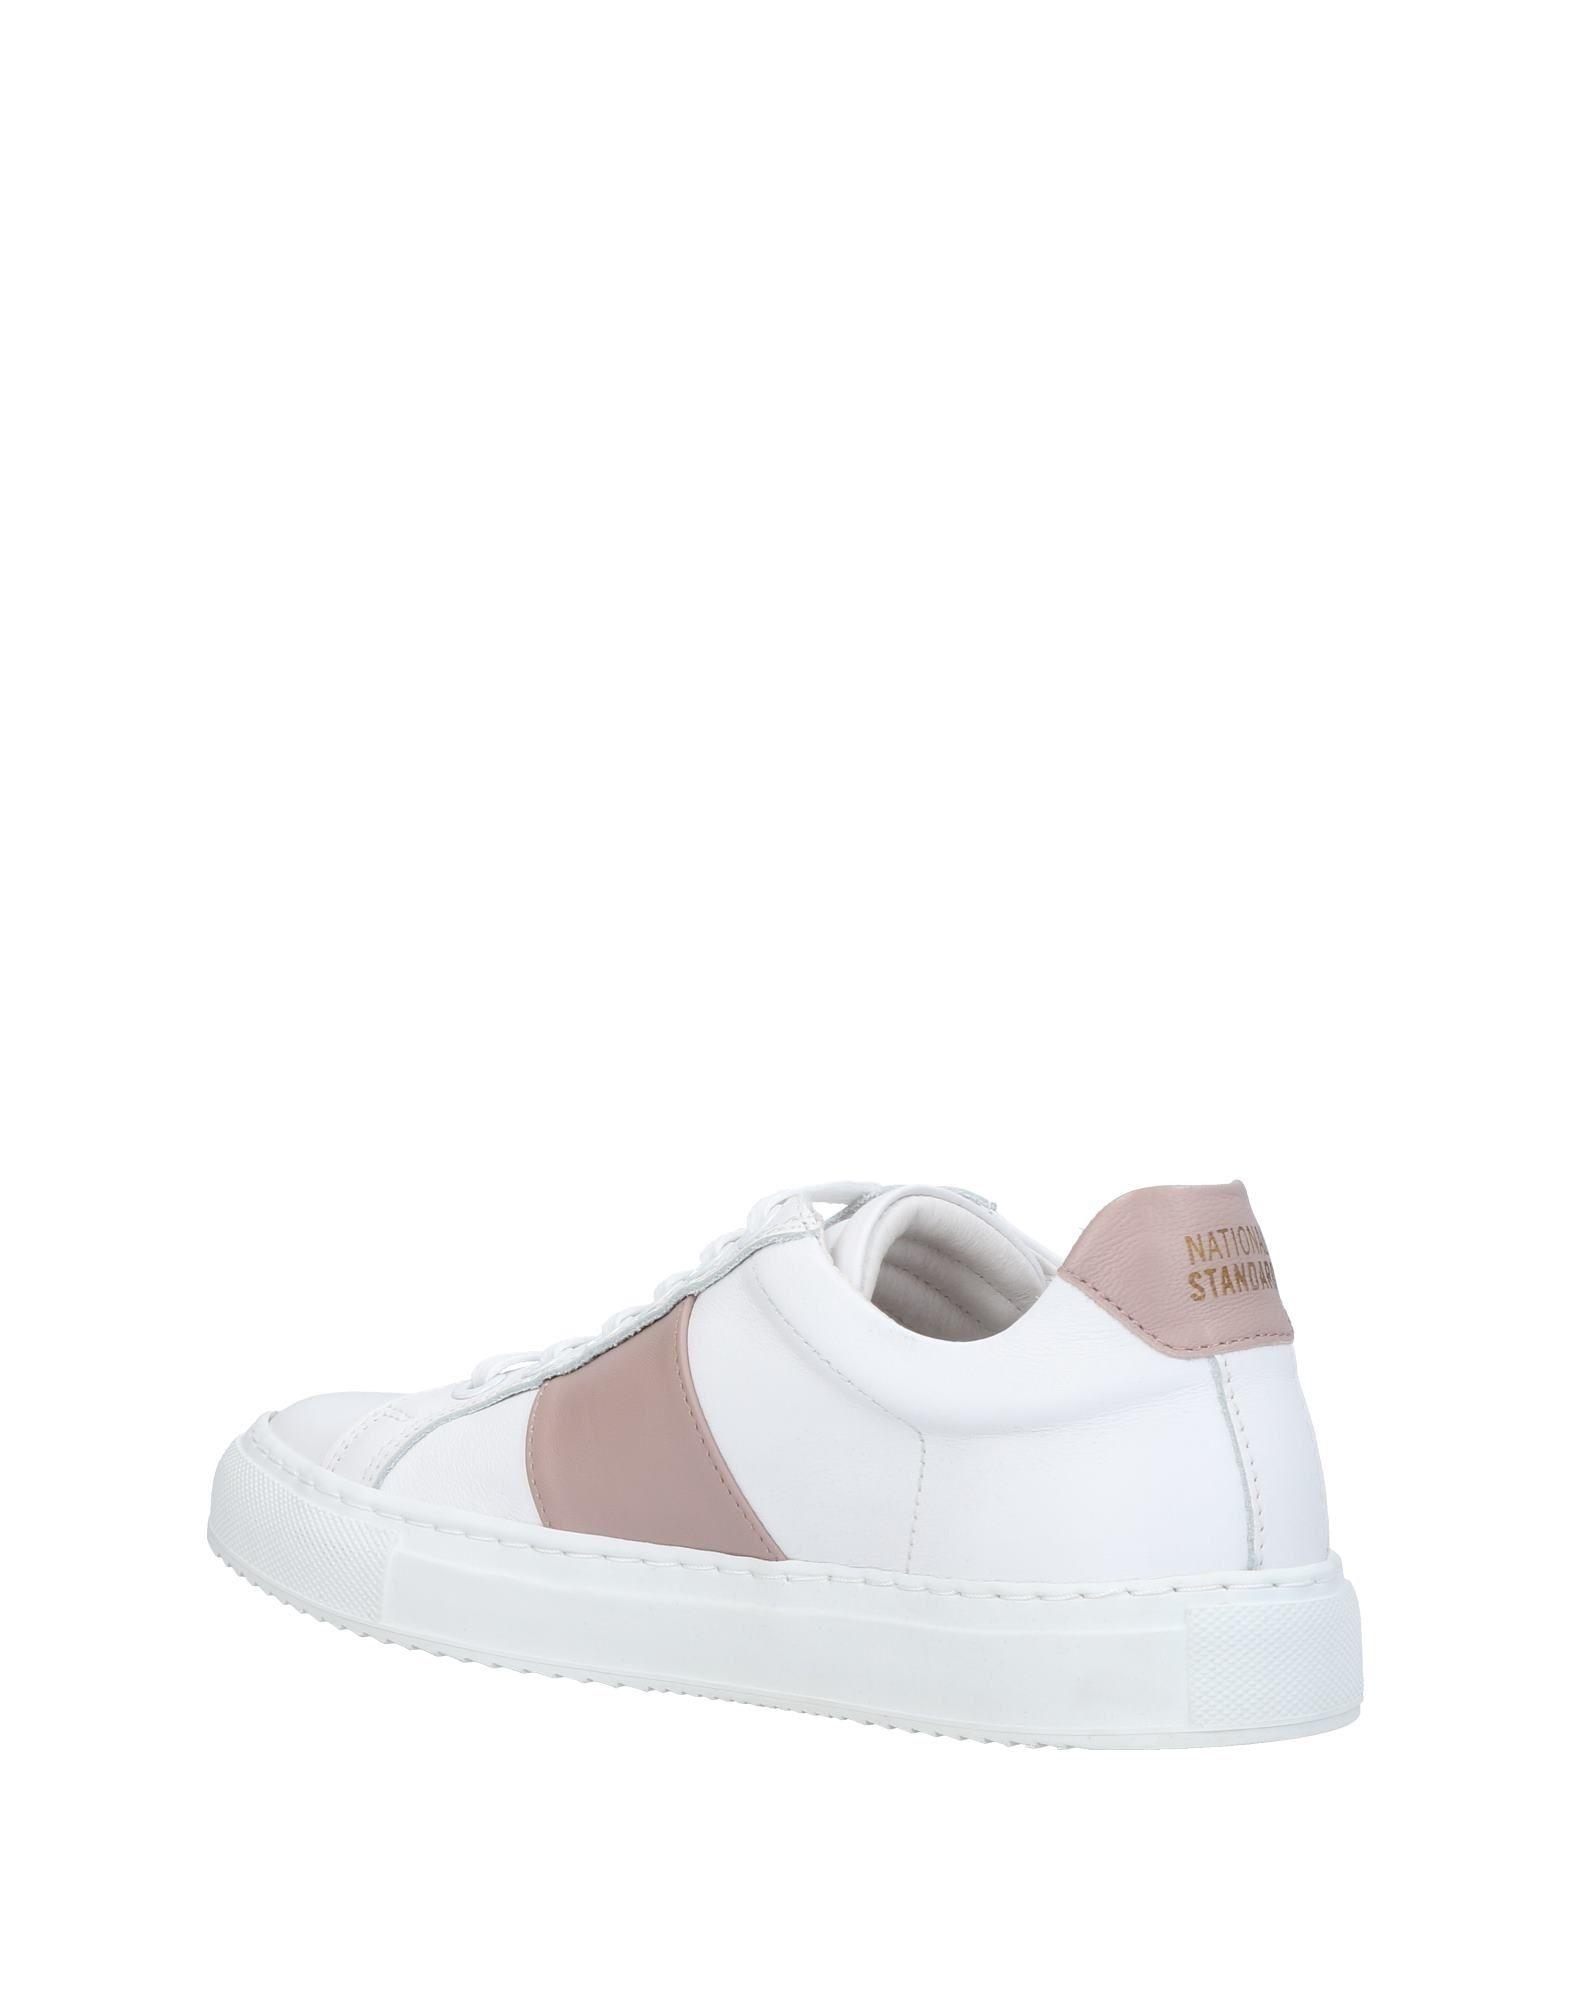 National Damen Standard Sneakers Damen National  11391072FK Gute Qualität beliebte Schuhe b8b5ef